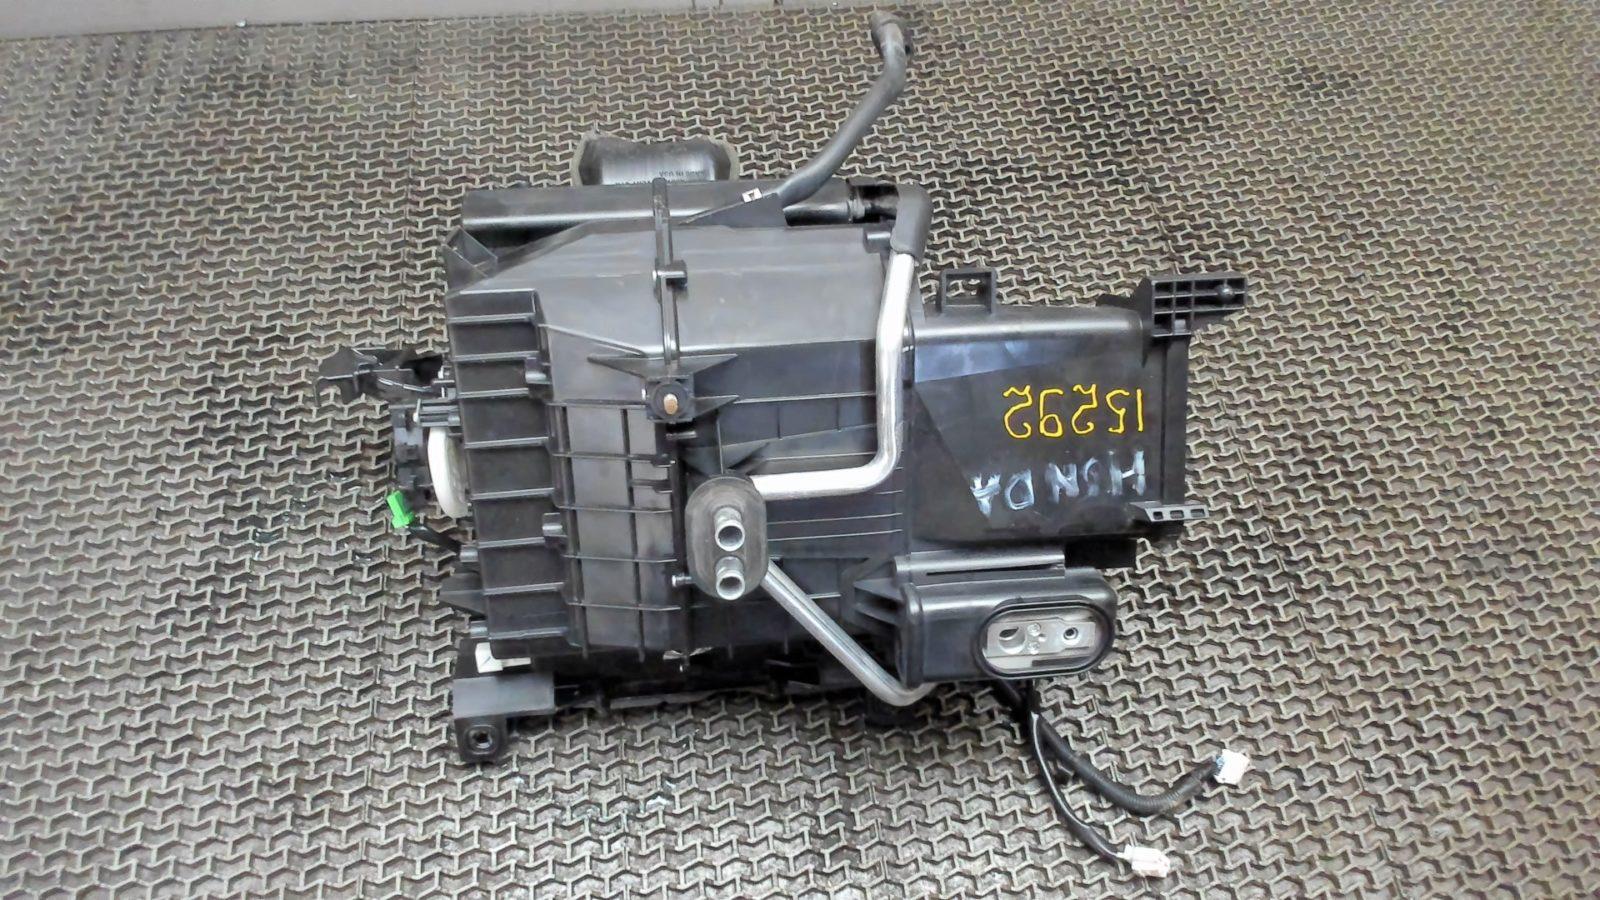 ремонт кондиционера хонды кросстур спб